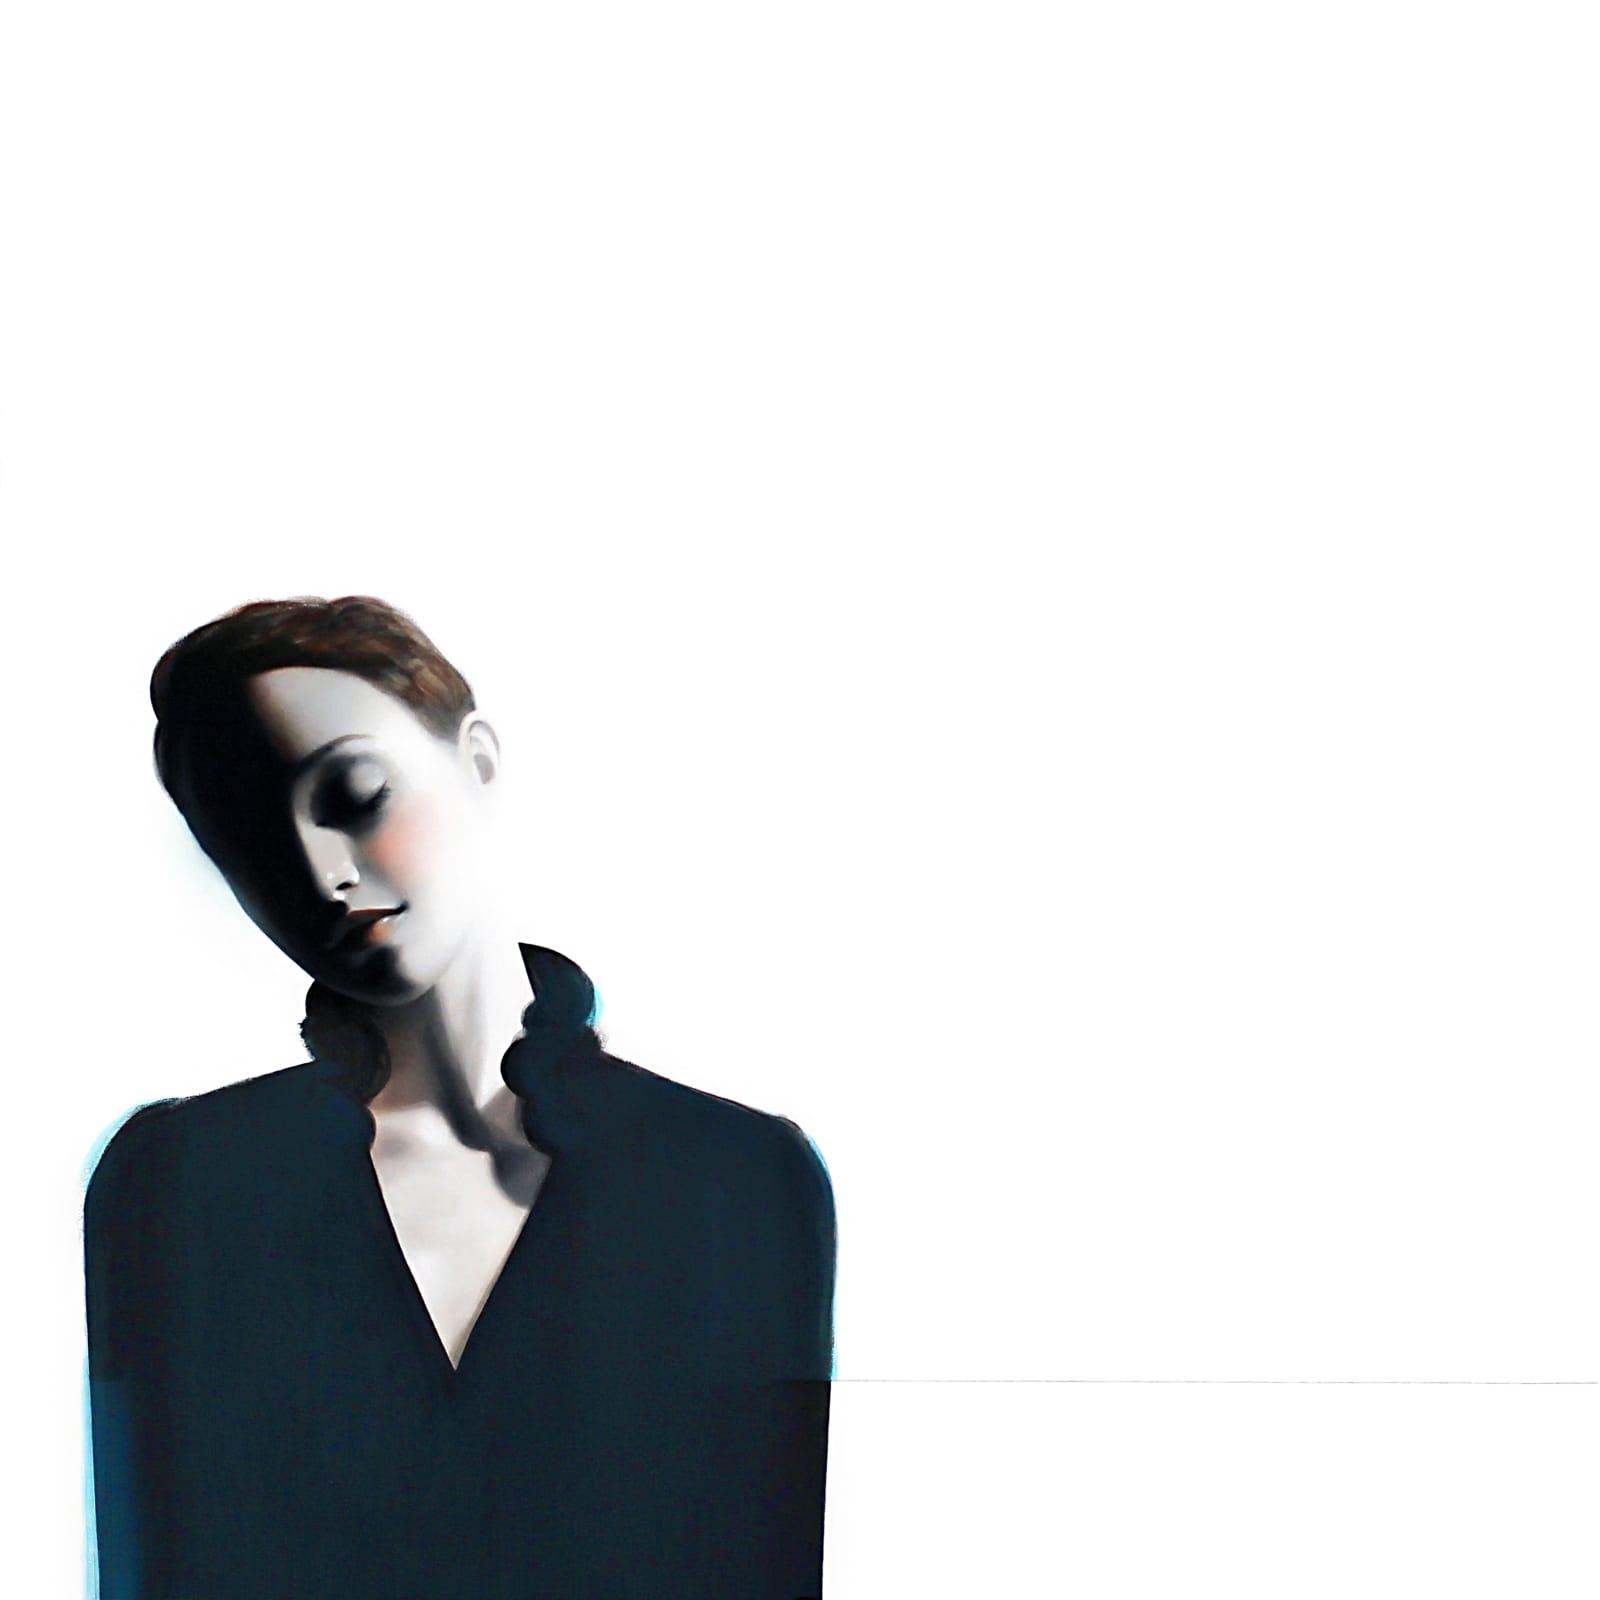 Erin Cone, Inward